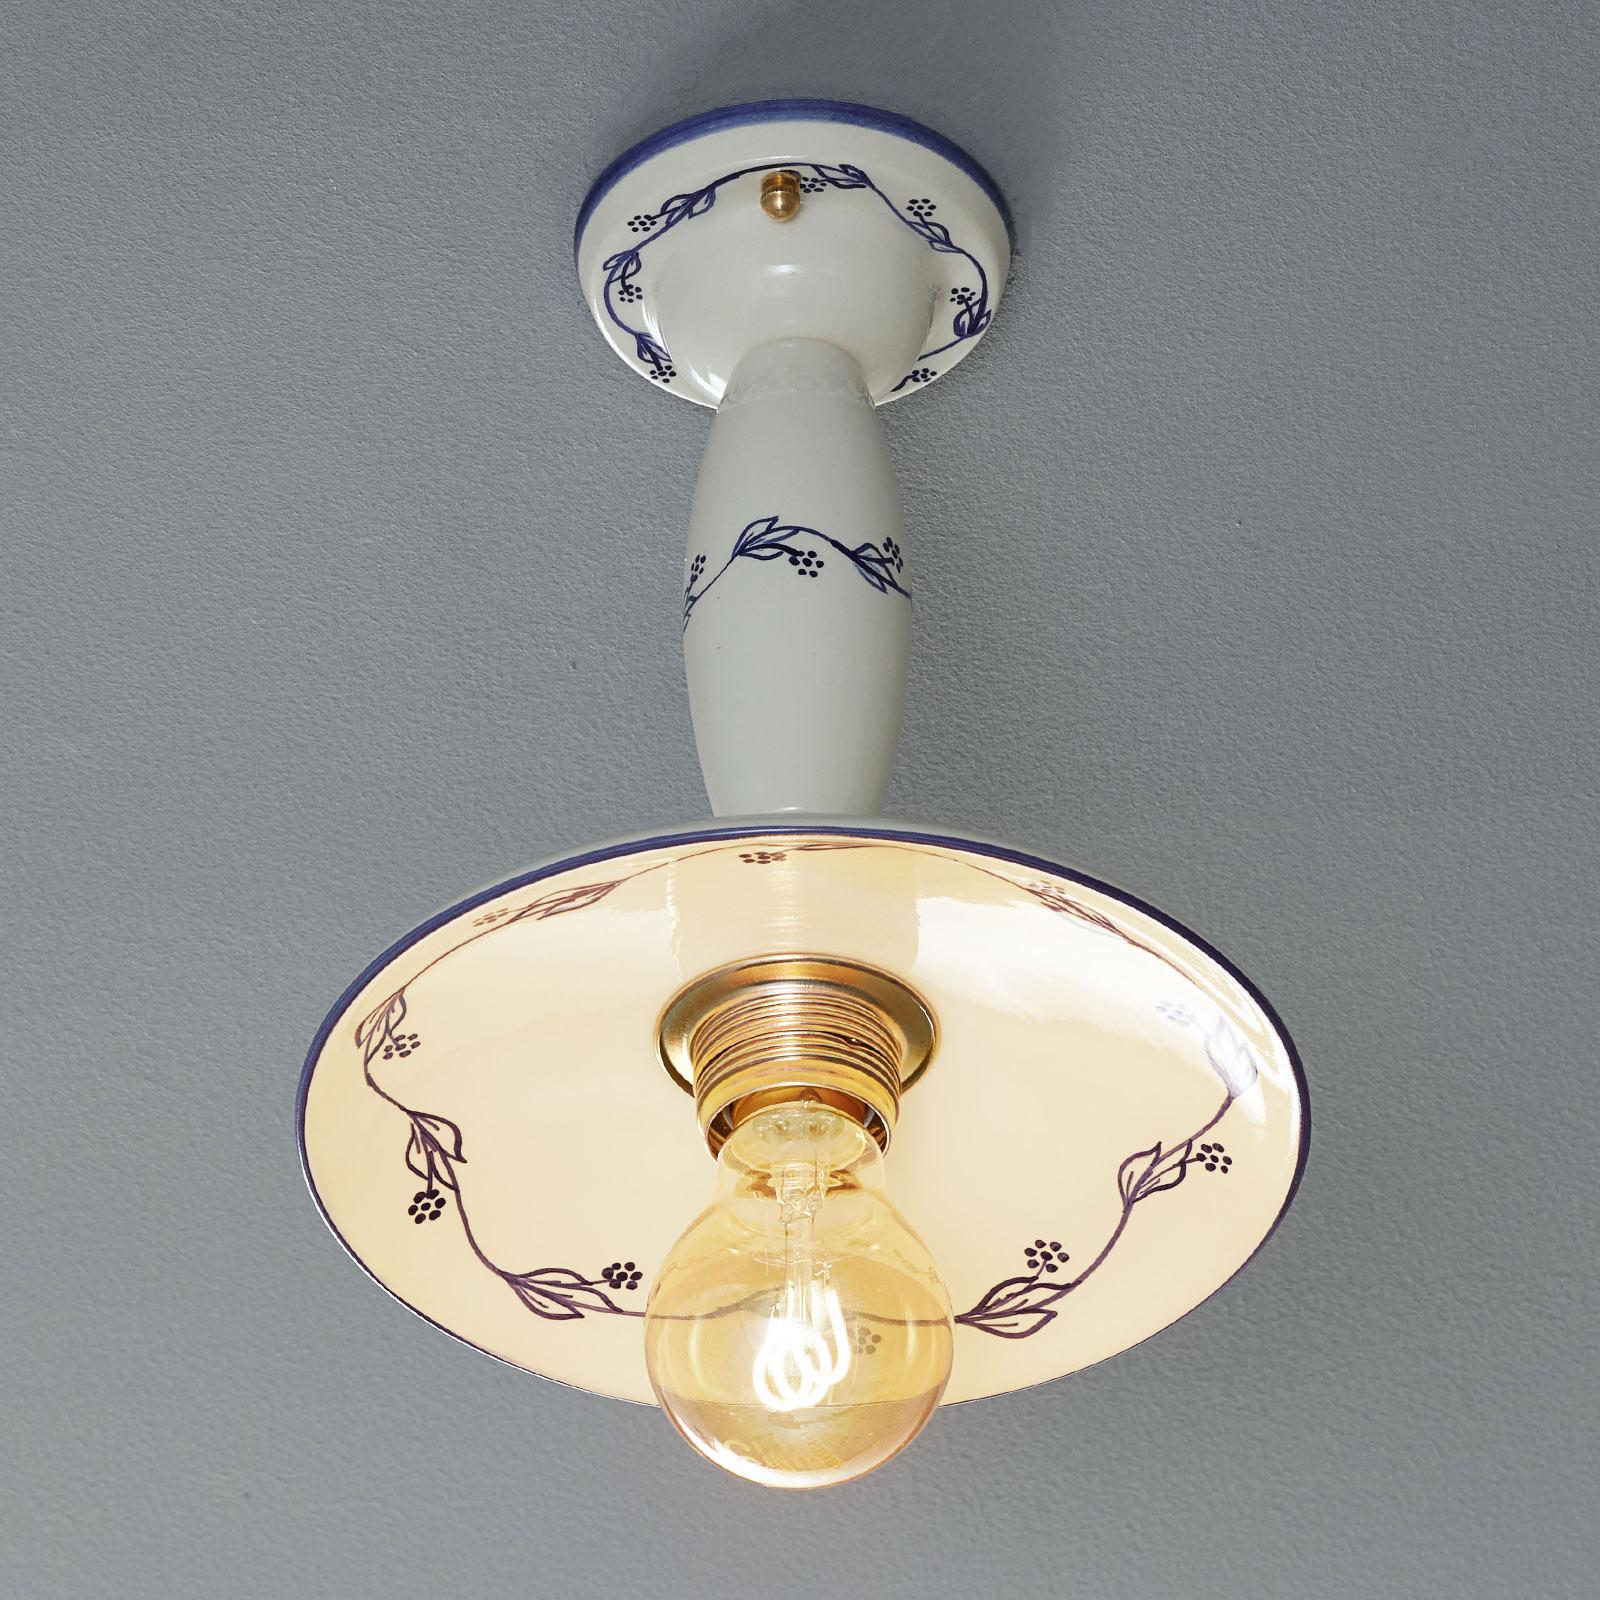 Ceramiczna lampa sufitowa RIBES z odstępem